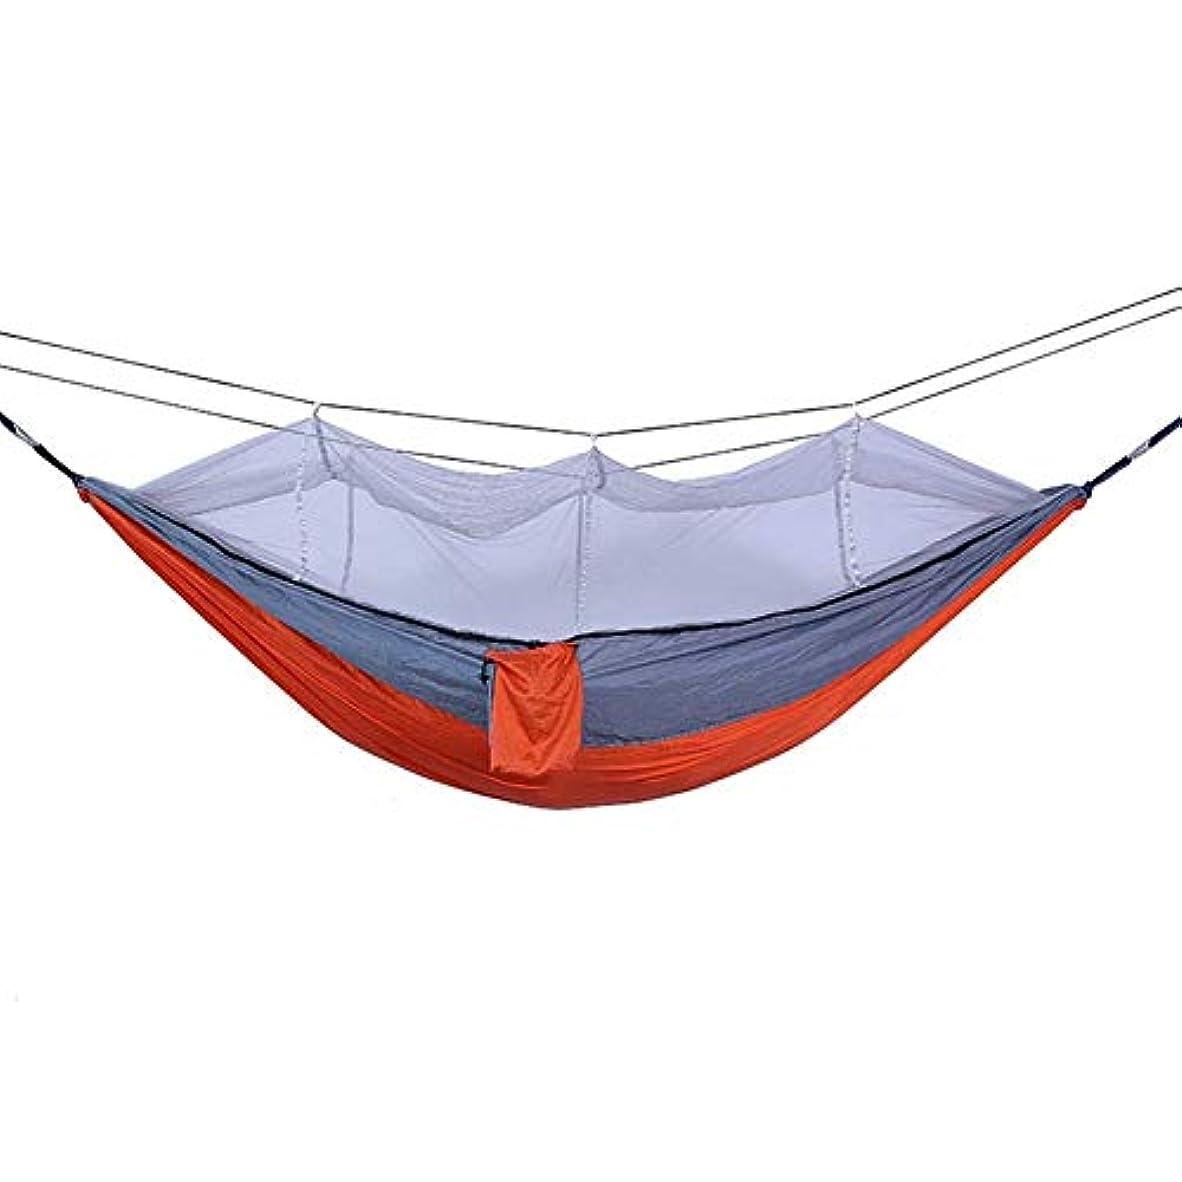 罪人議会大学院携帯用および通気性の庭のハイキングのキャンプのための屋外のハンモックの反ロールオーバーハンモック (Color : E)